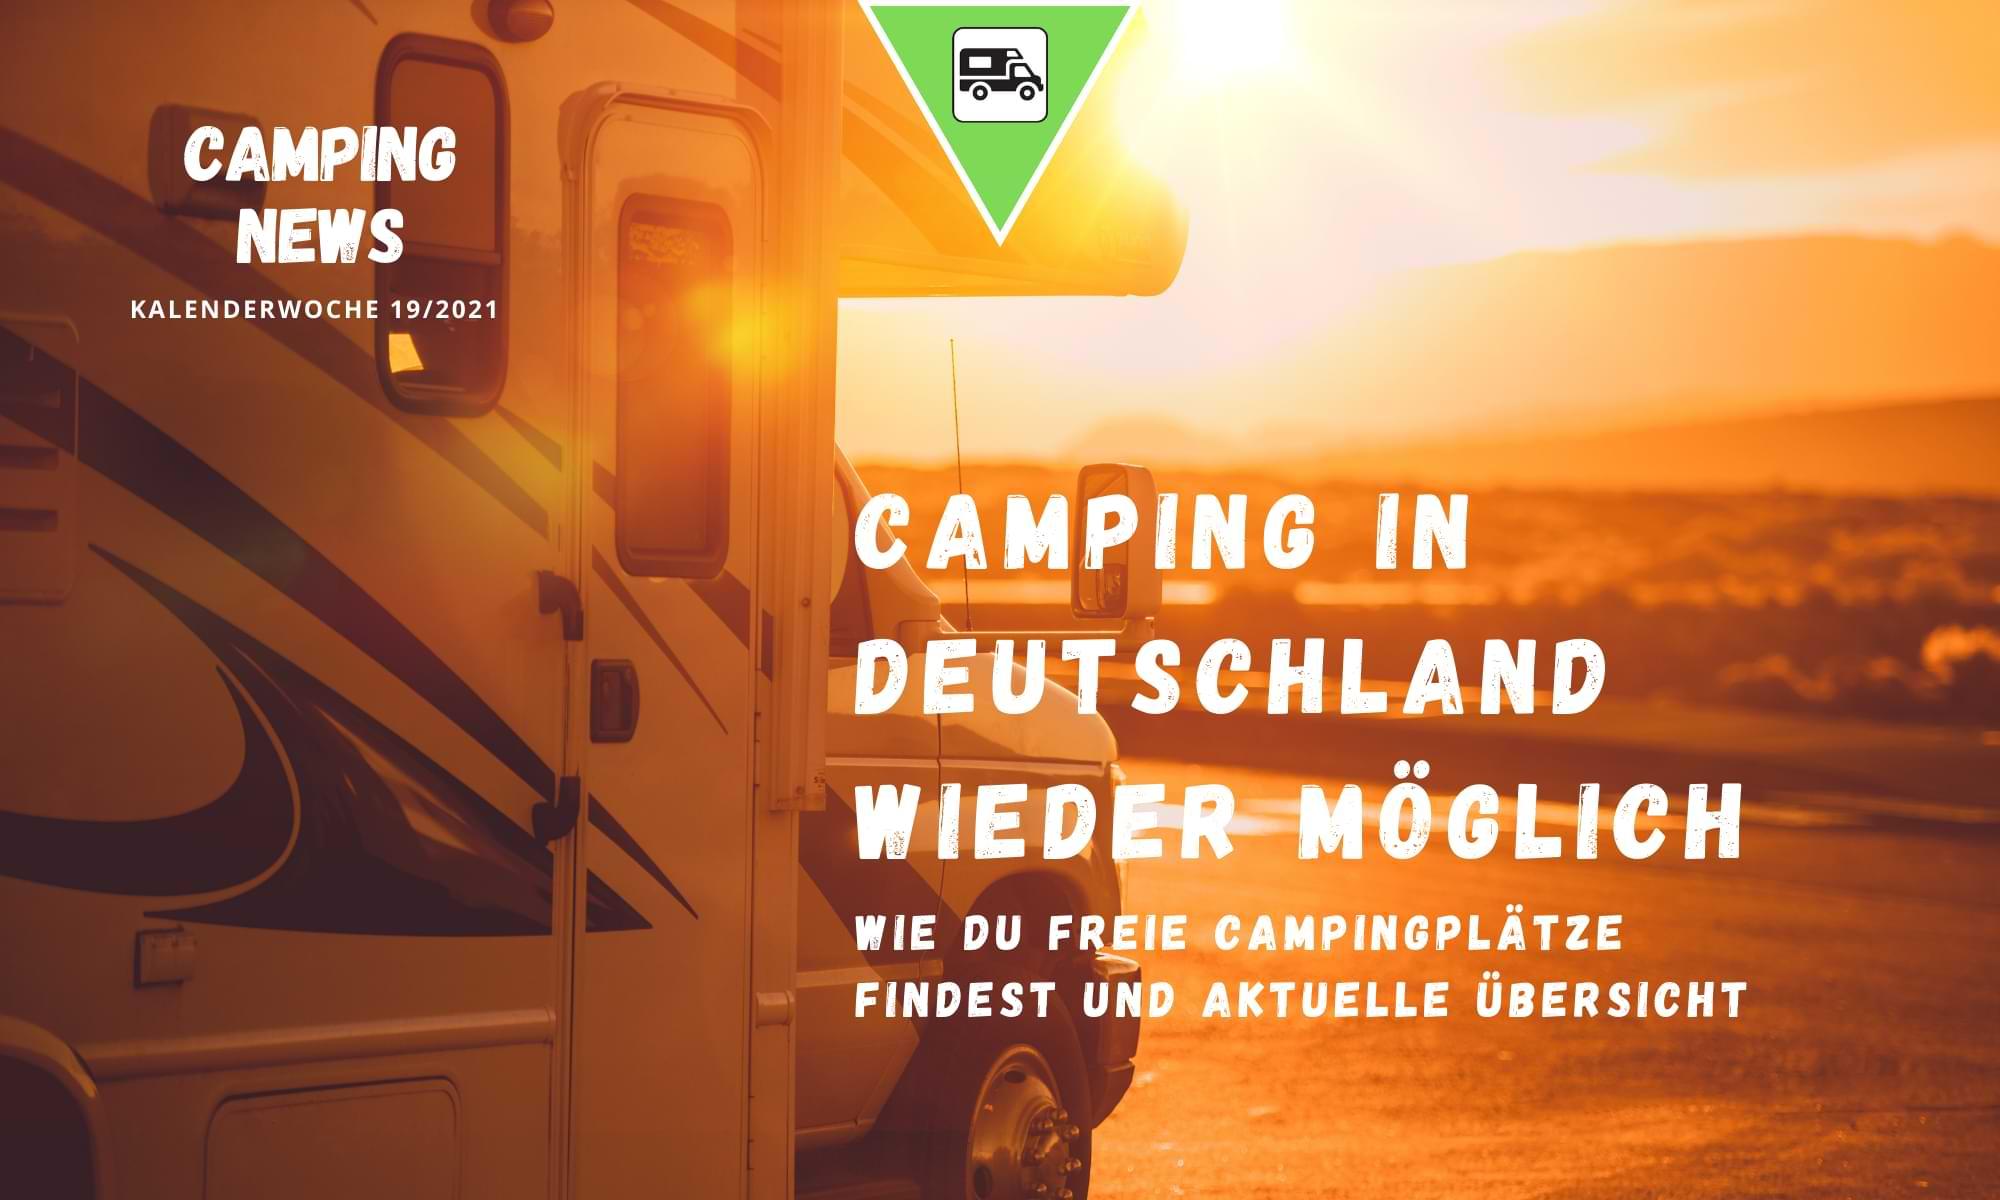 Campen in Deutschland wieder möglich – Start in die Campingsaison 2021